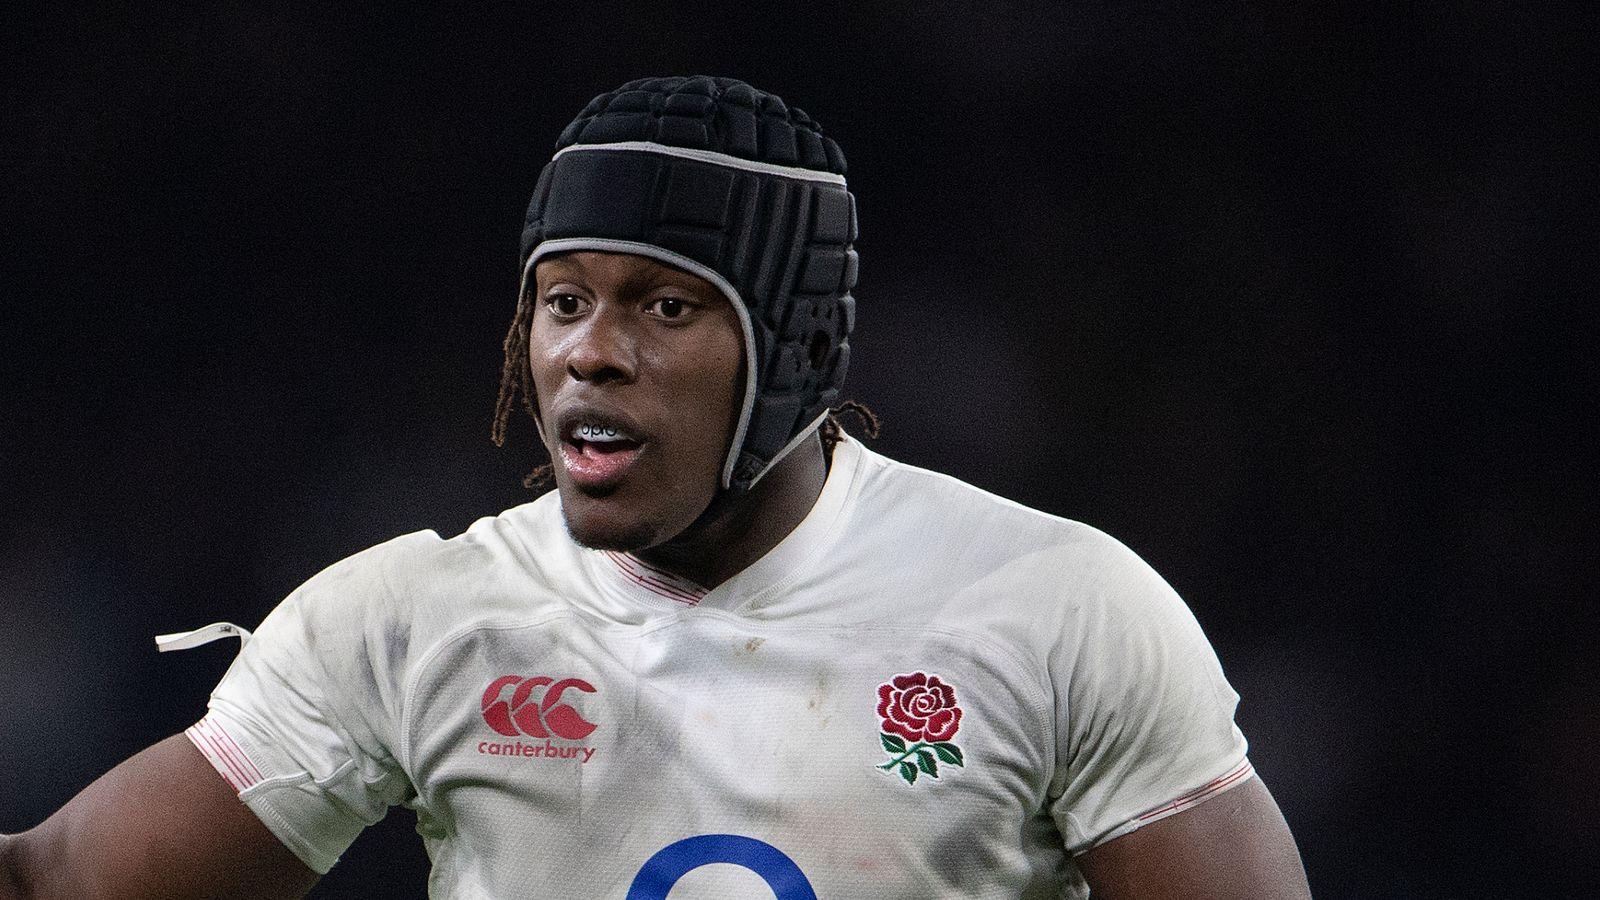 Maro Itoje espera que Six Nations concluya y dice que cuanto antes se arregle el futuro de su club, mejor   Noticias de la Unión de Rugby 32